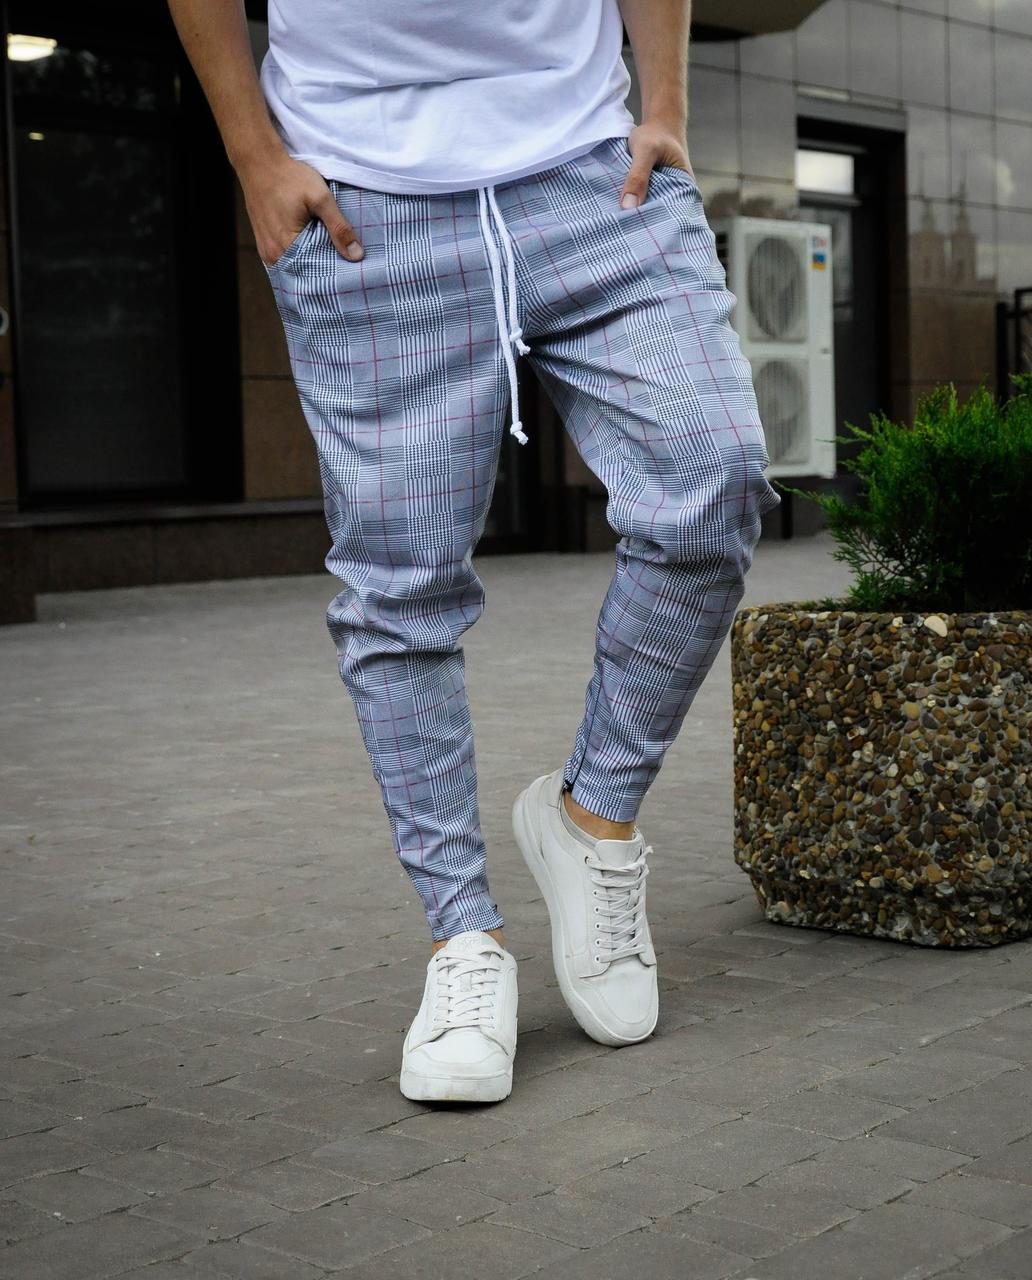 Брюки в клітку сірі  чоловічі | штани весняні осінні ЛЮКС якості